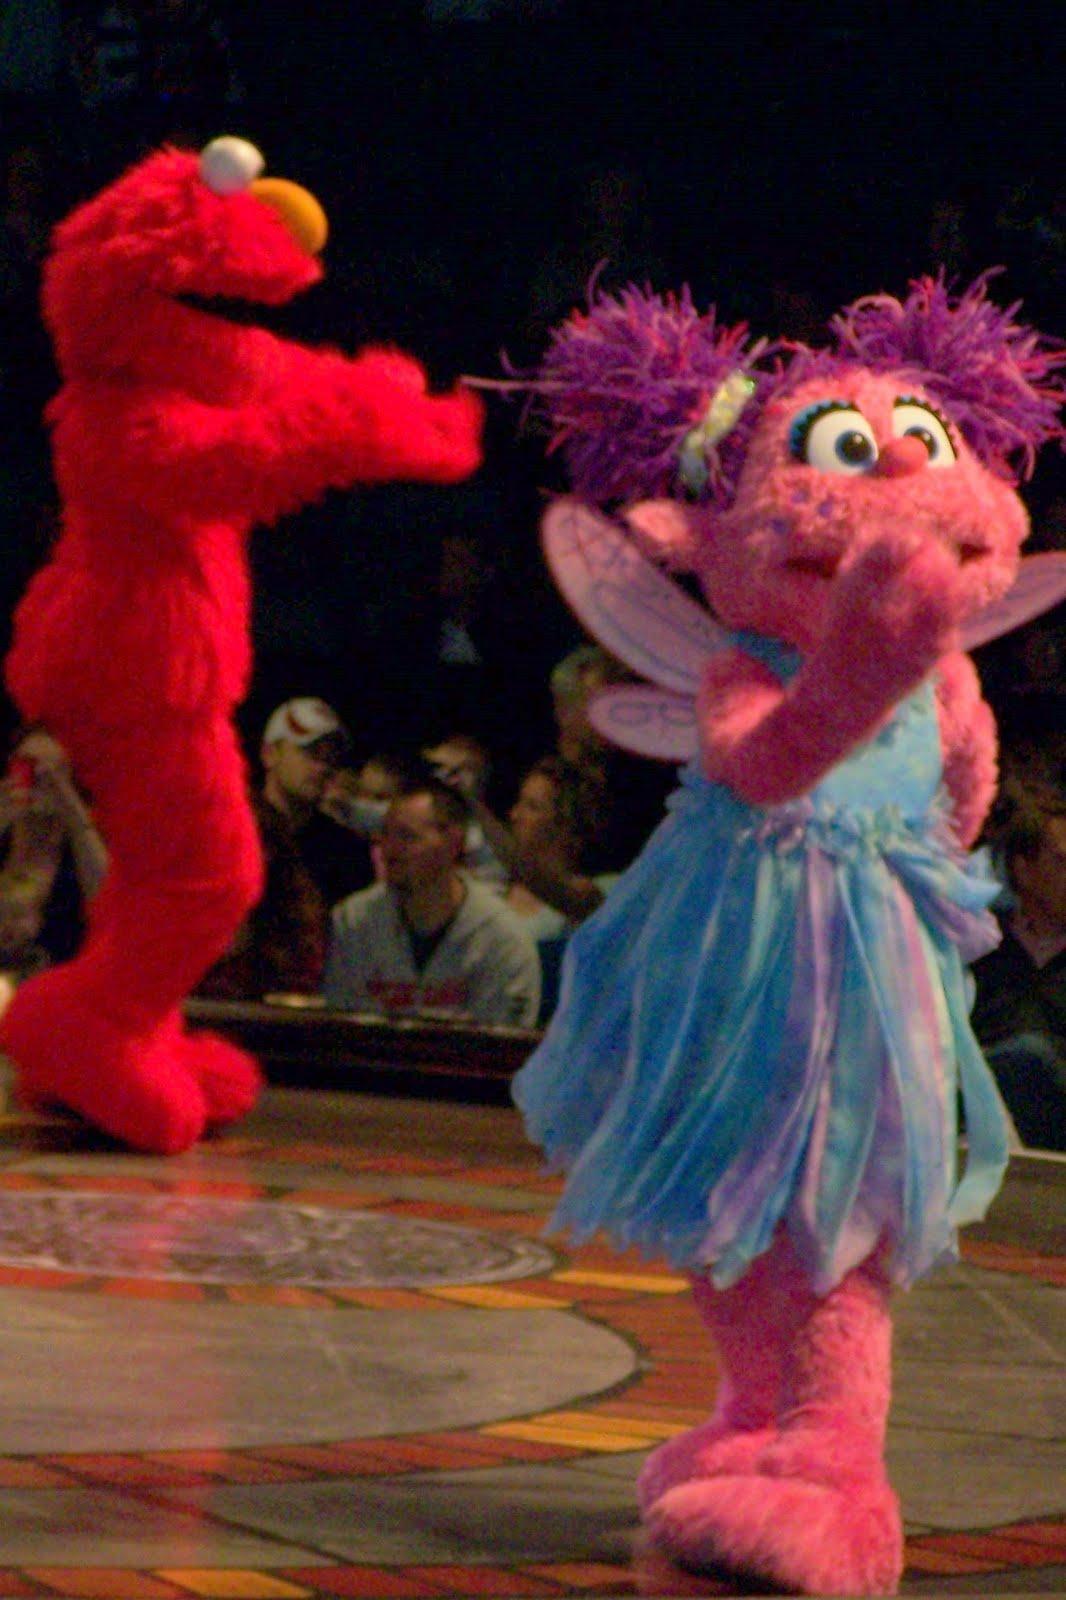 A Little Dirt Never Hurt Sesame Street Live 2010